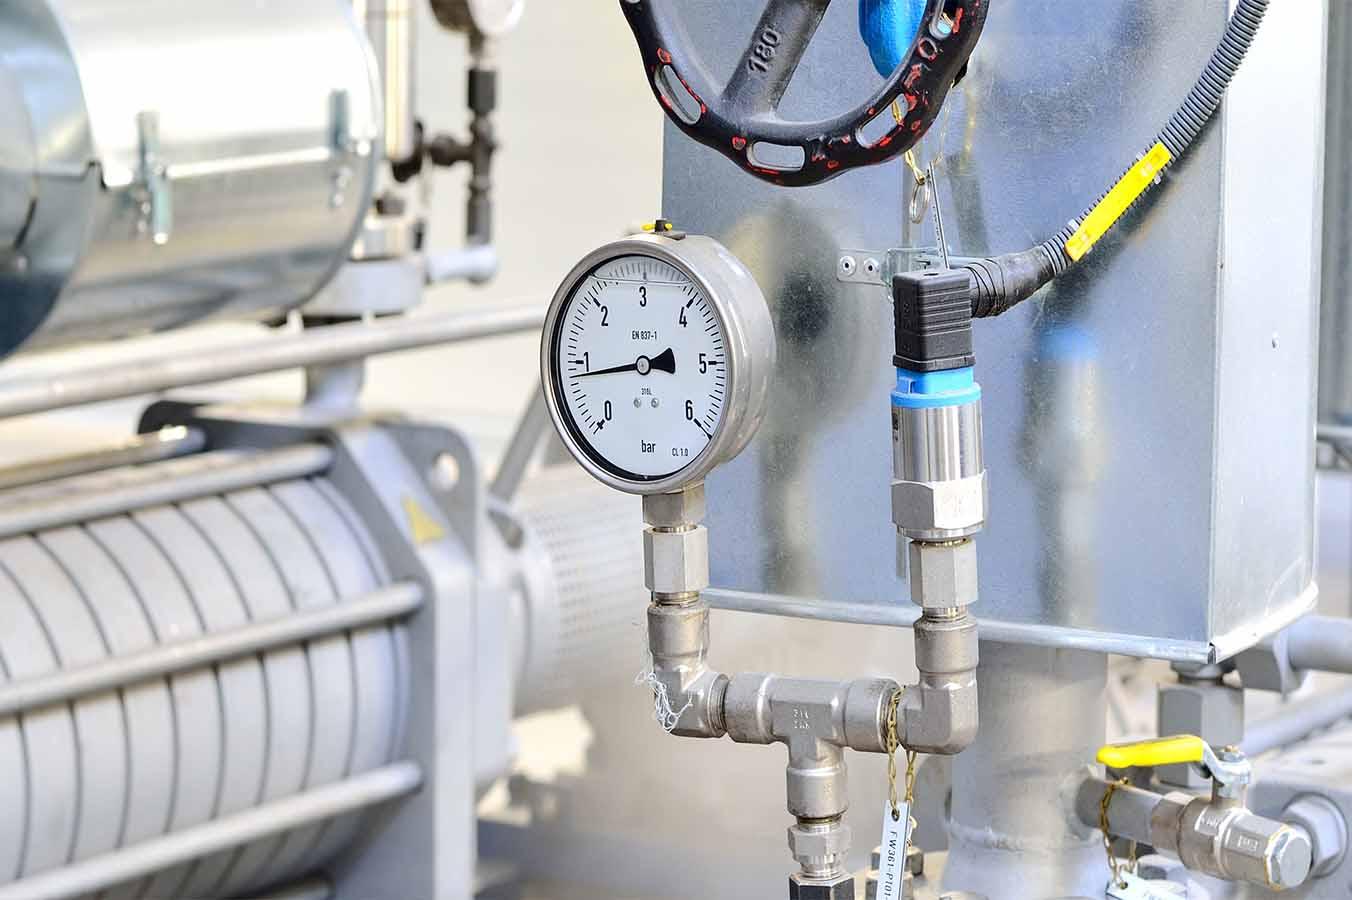 équipements pour le traitement d'eau